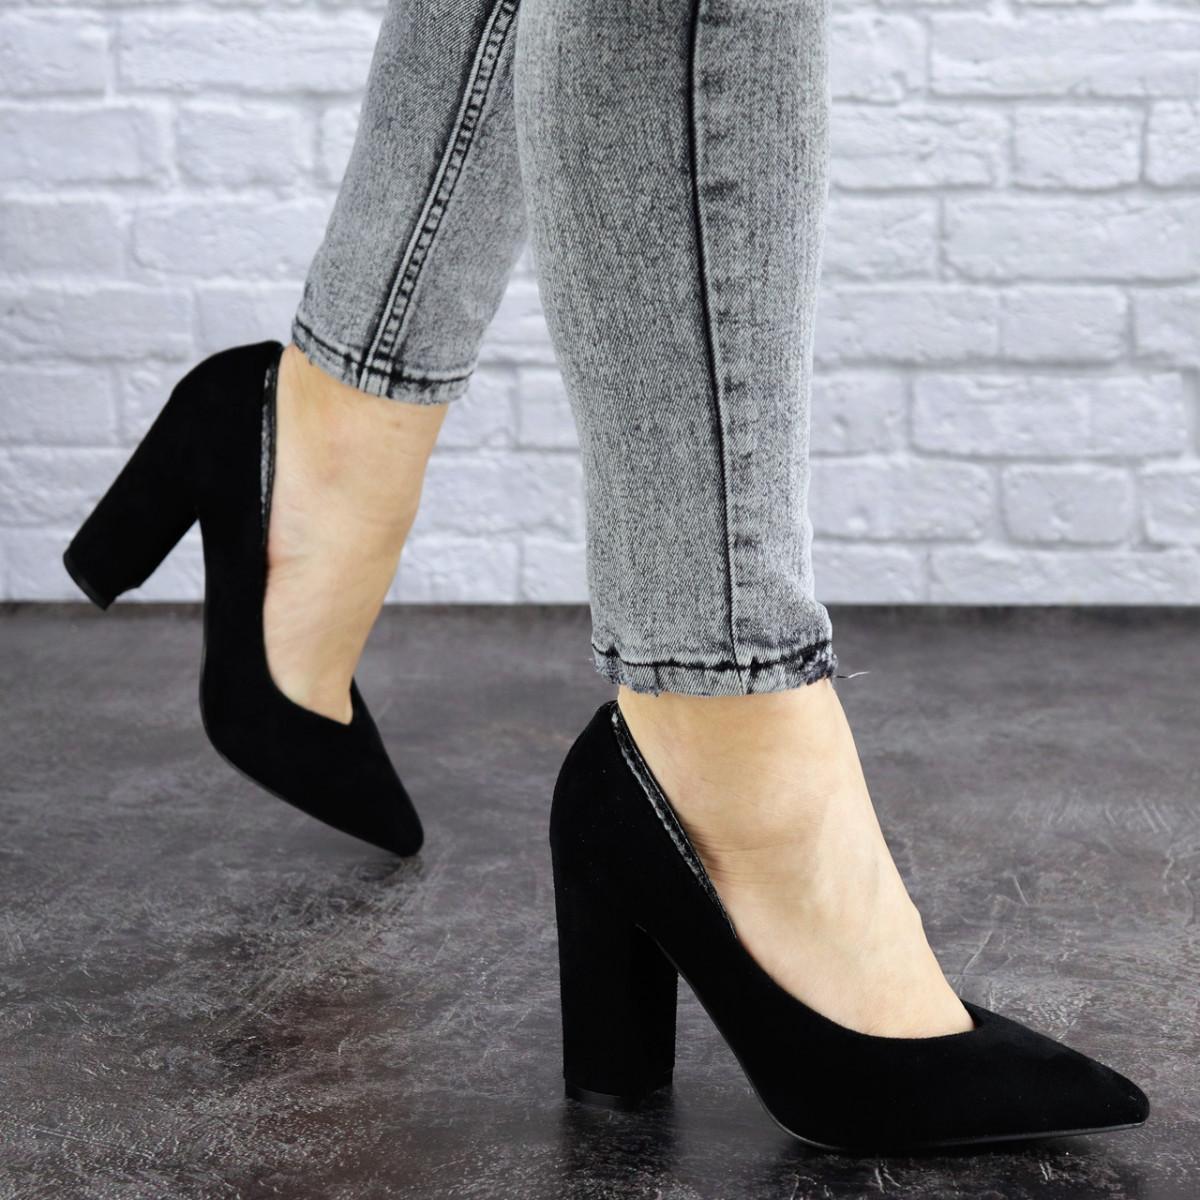 Туфли женские на каблуке черные Ginger 1764 (36 размер)